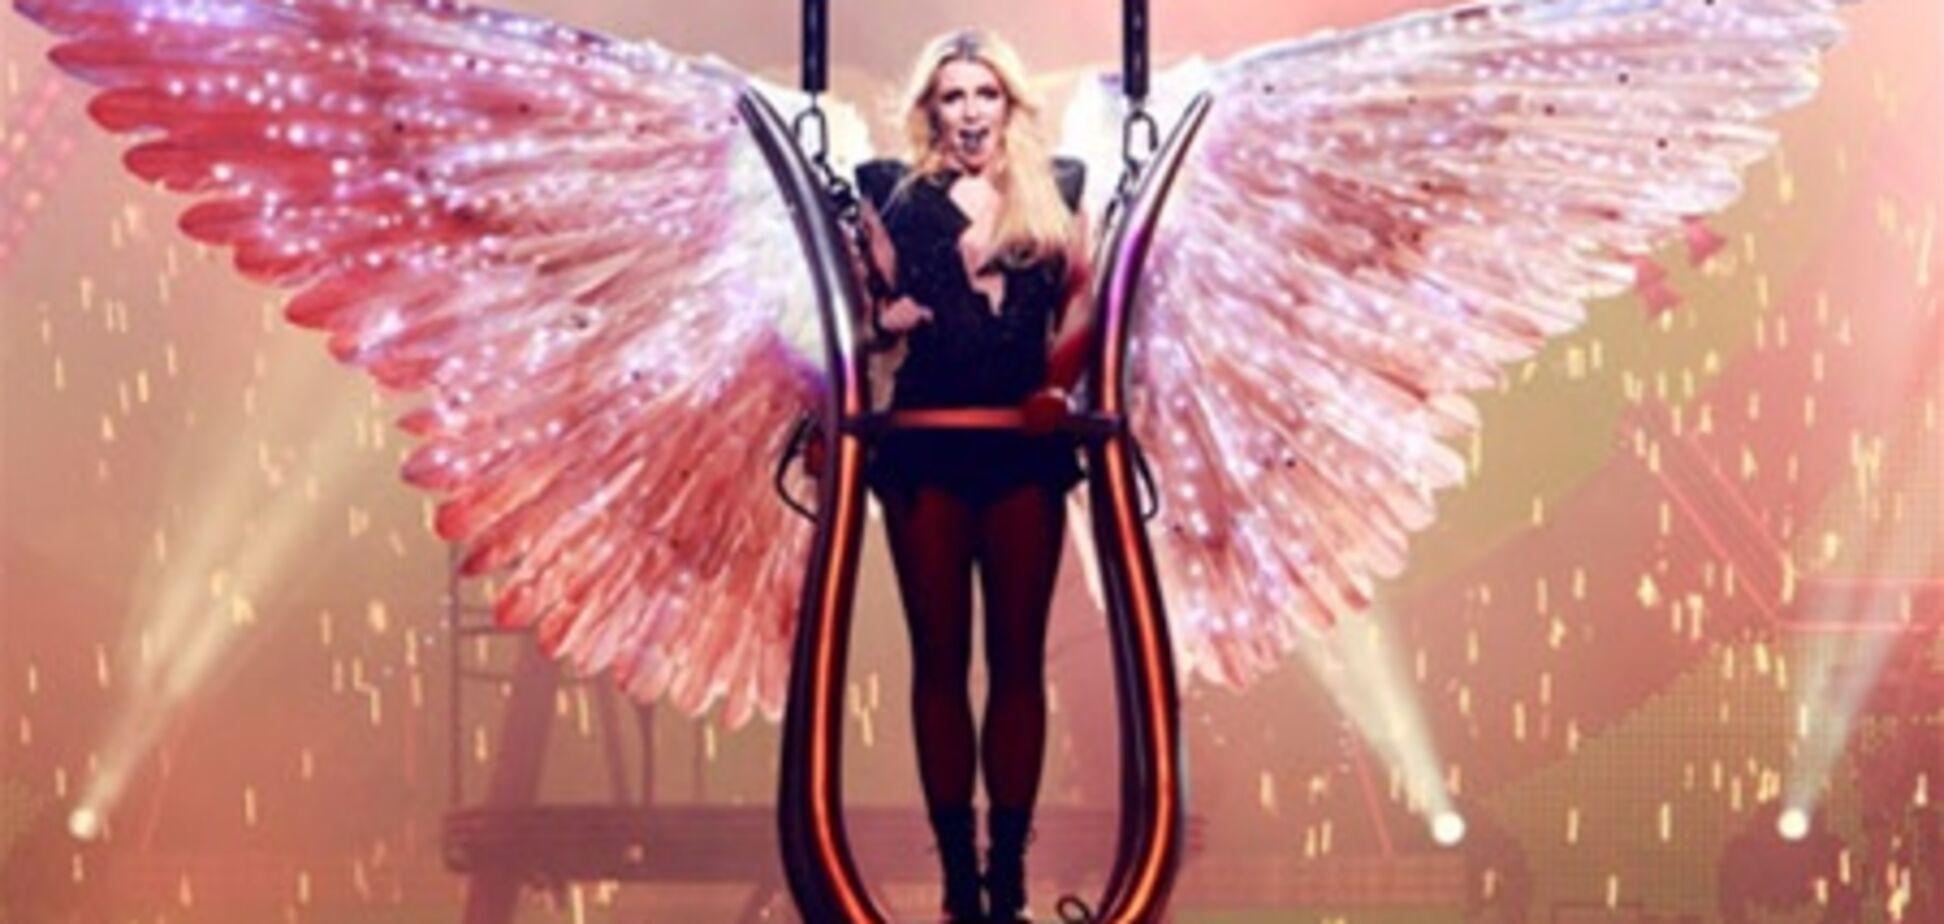 В Киеве у Бритни Спирс зажглись лампочки и 'выросли' крылья. Фото. Видео